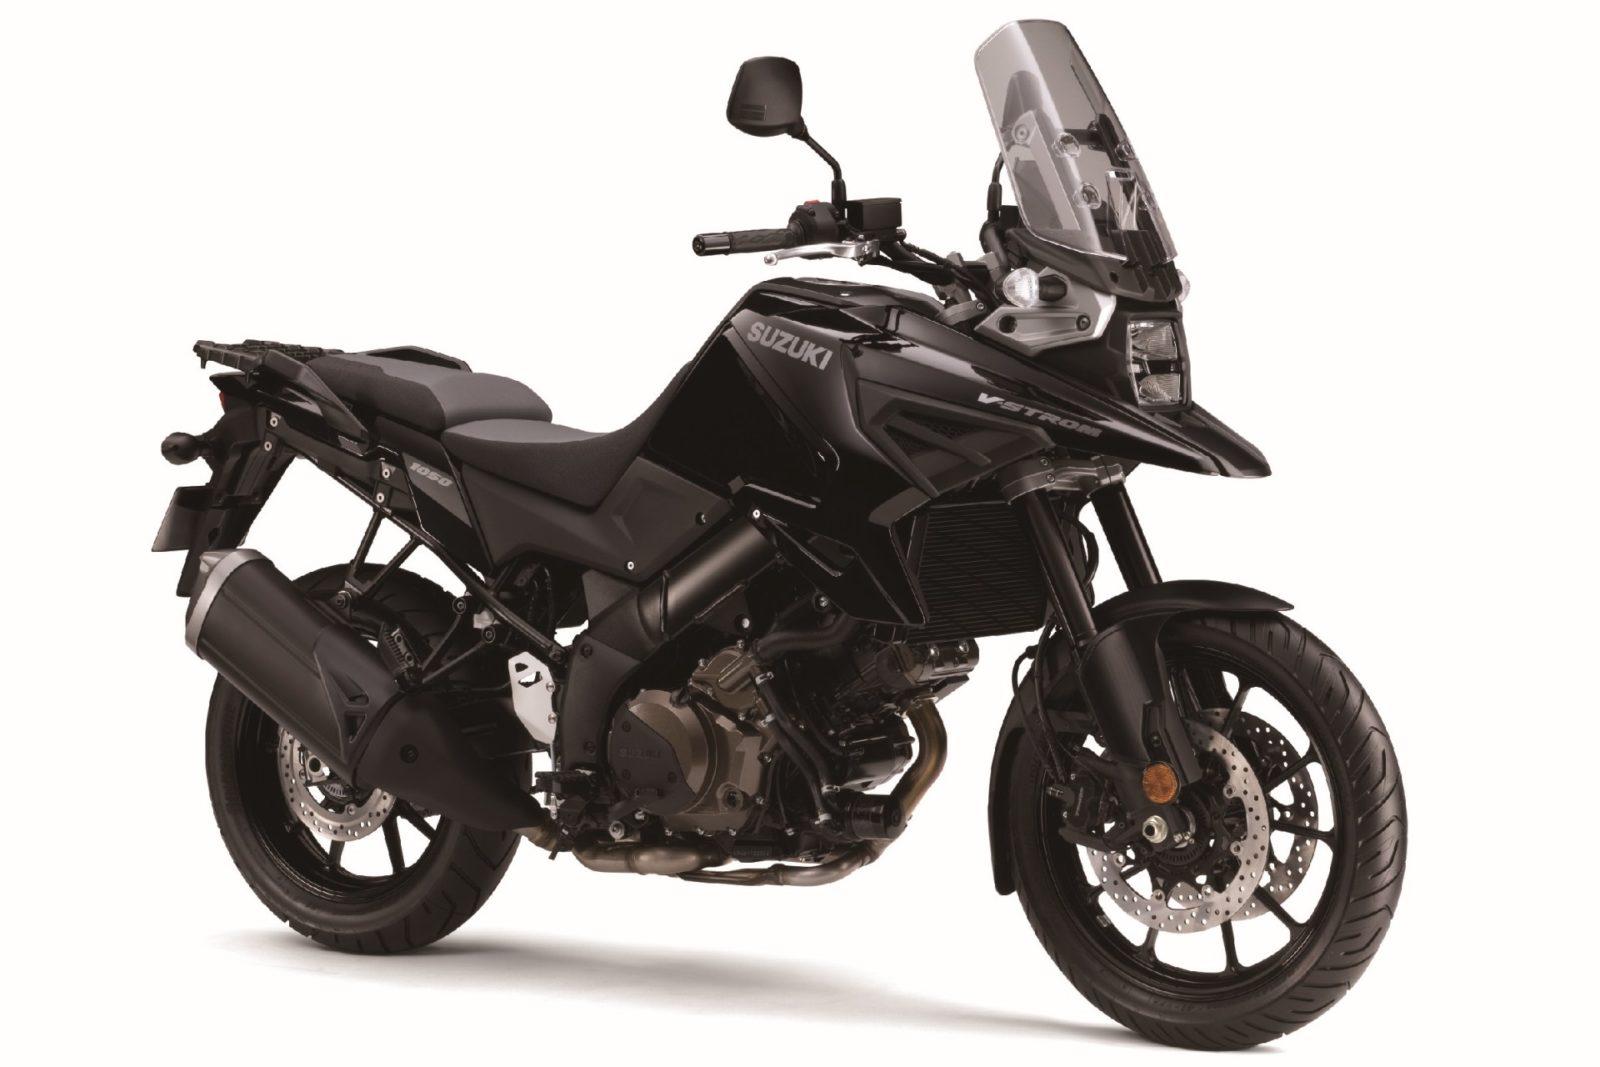 Suzuki-DL-V-strom-1050-black